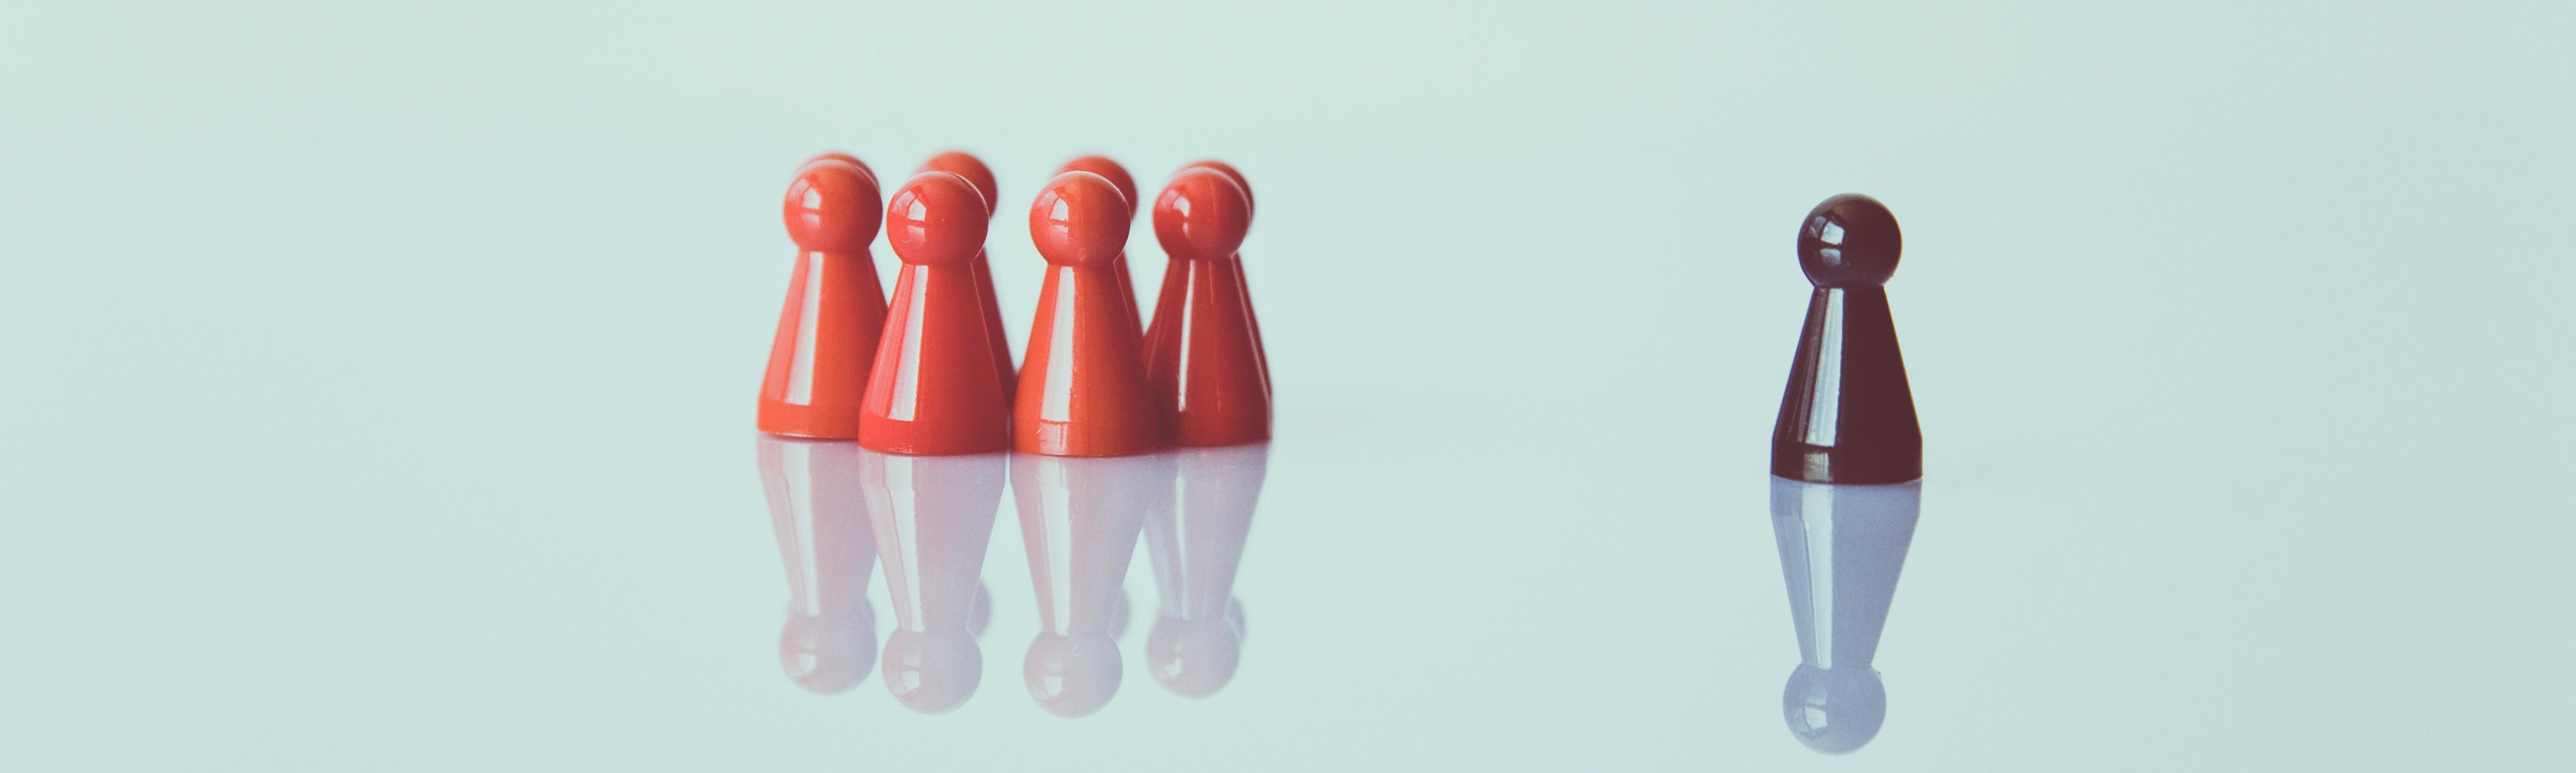 verschil tussen brokers en bemiddelaars